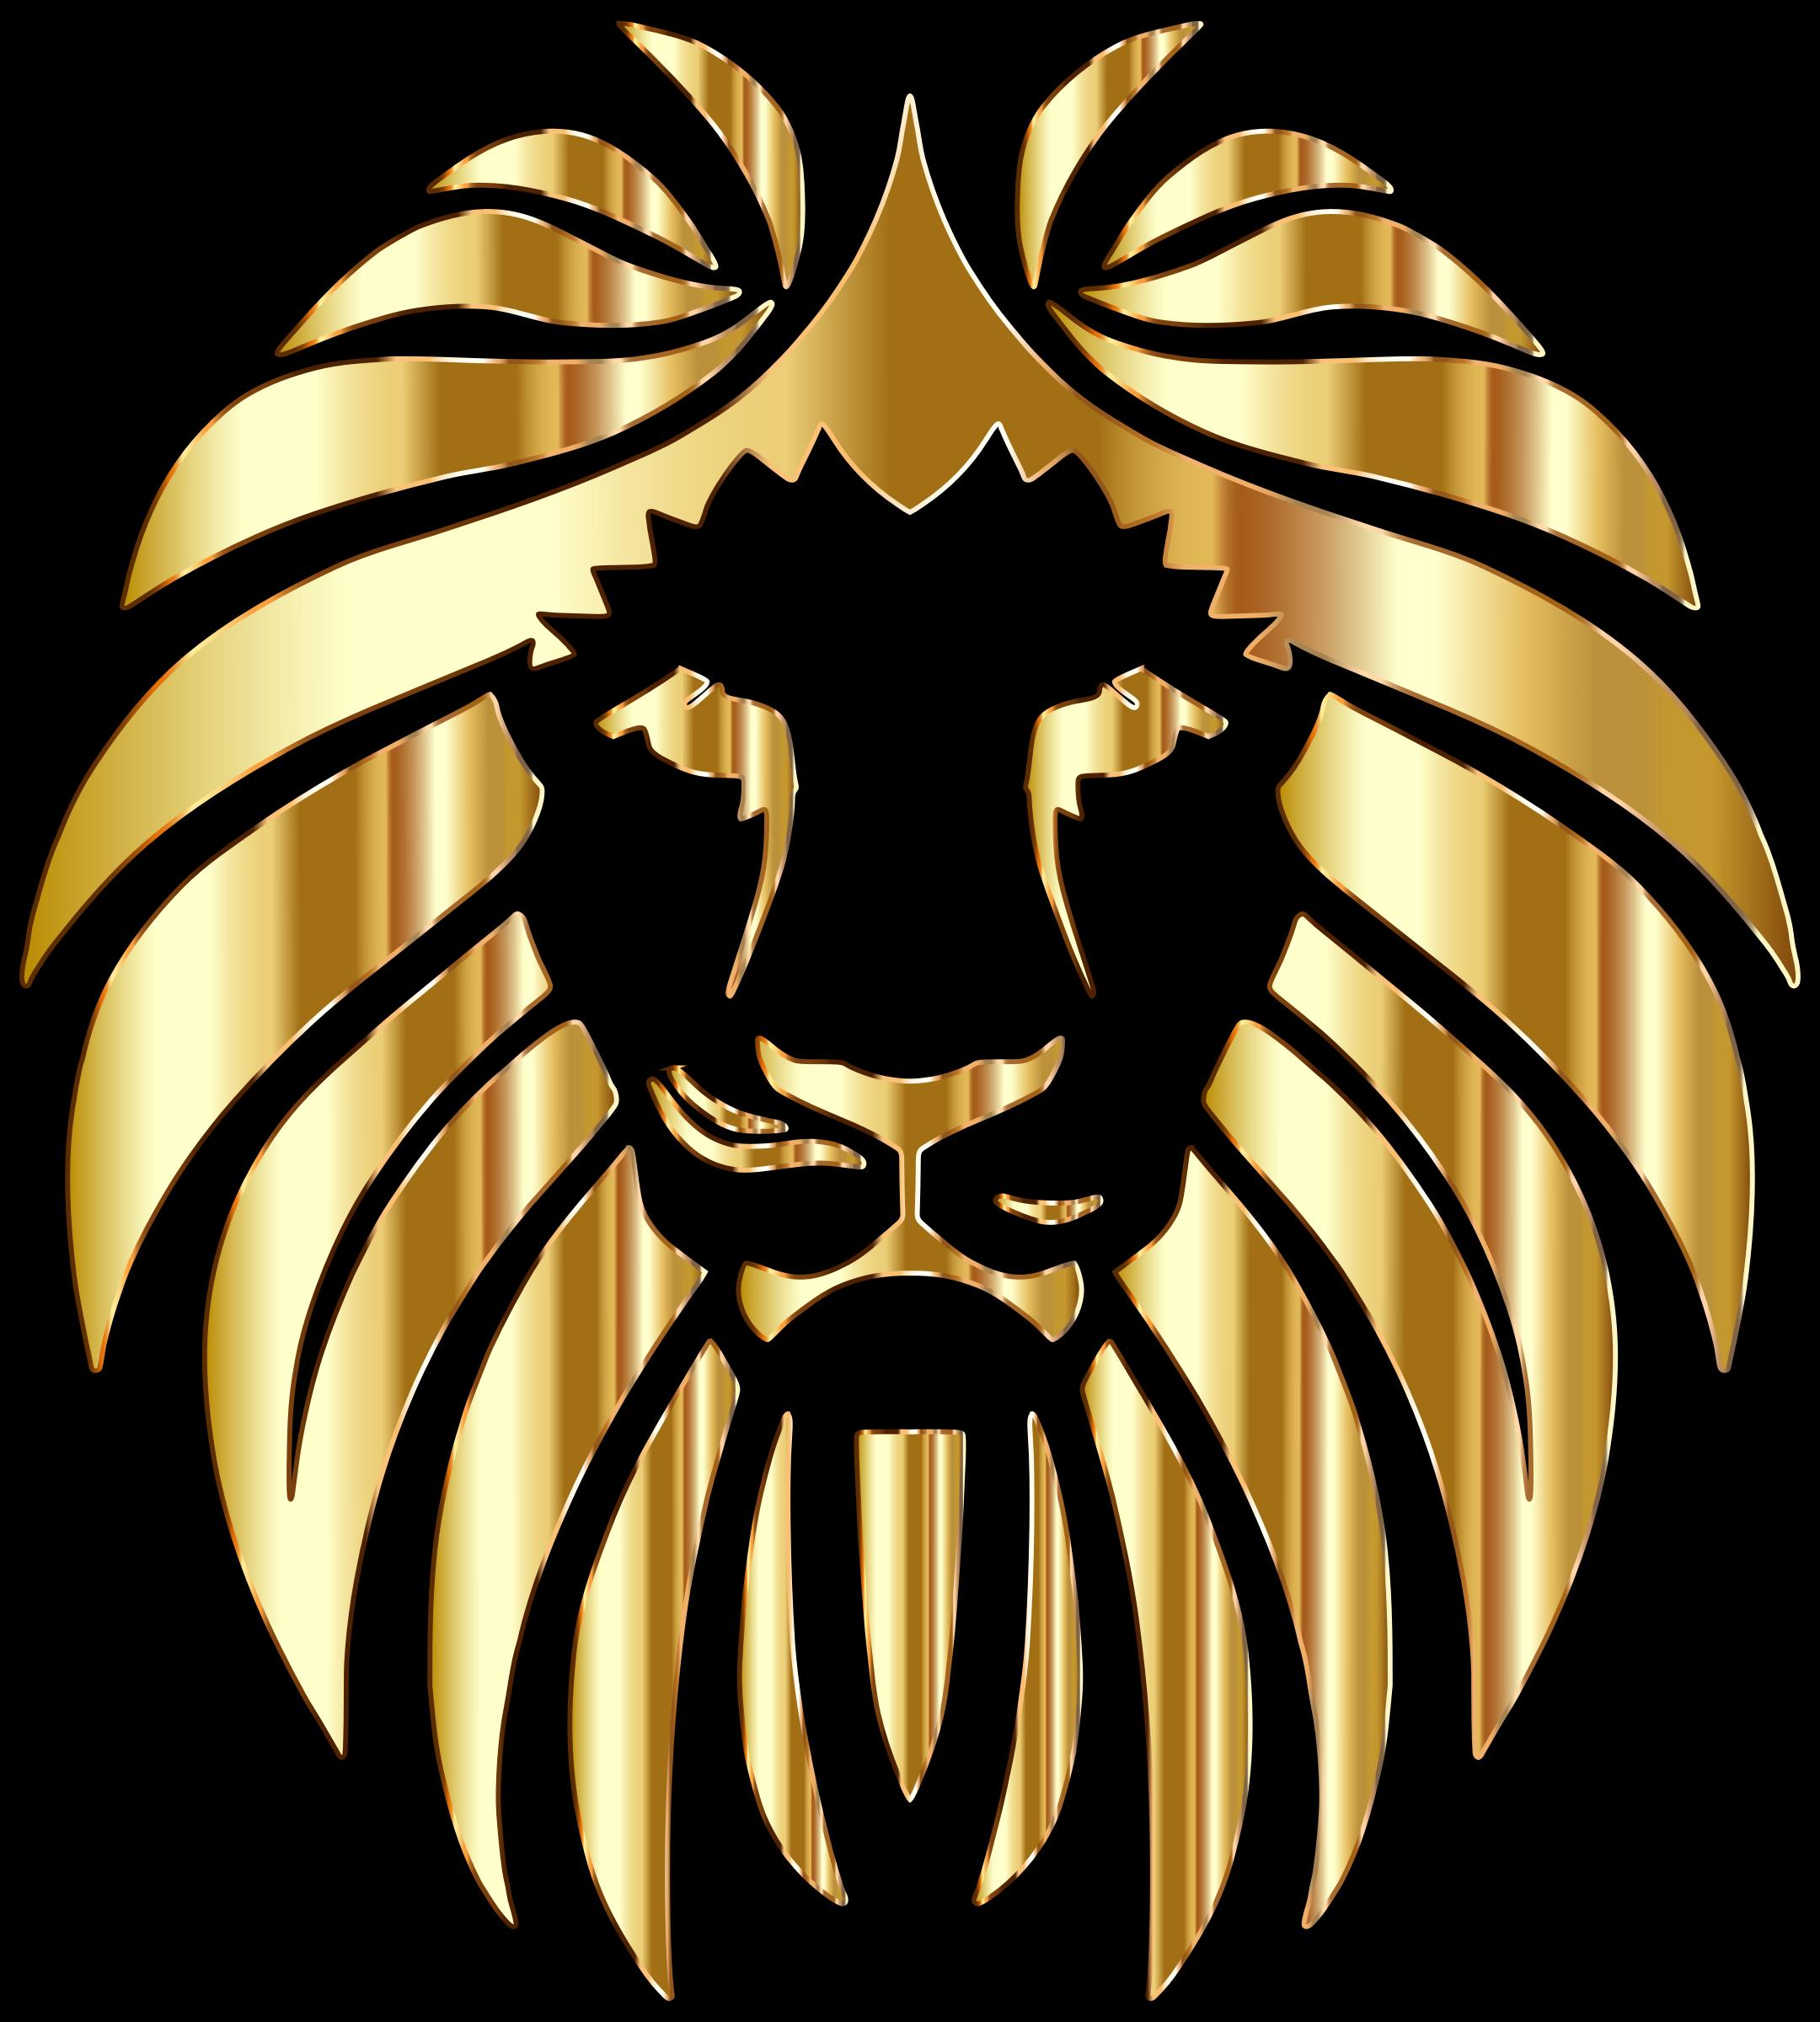 Variation zodiac signs . Lions clipart golden lion